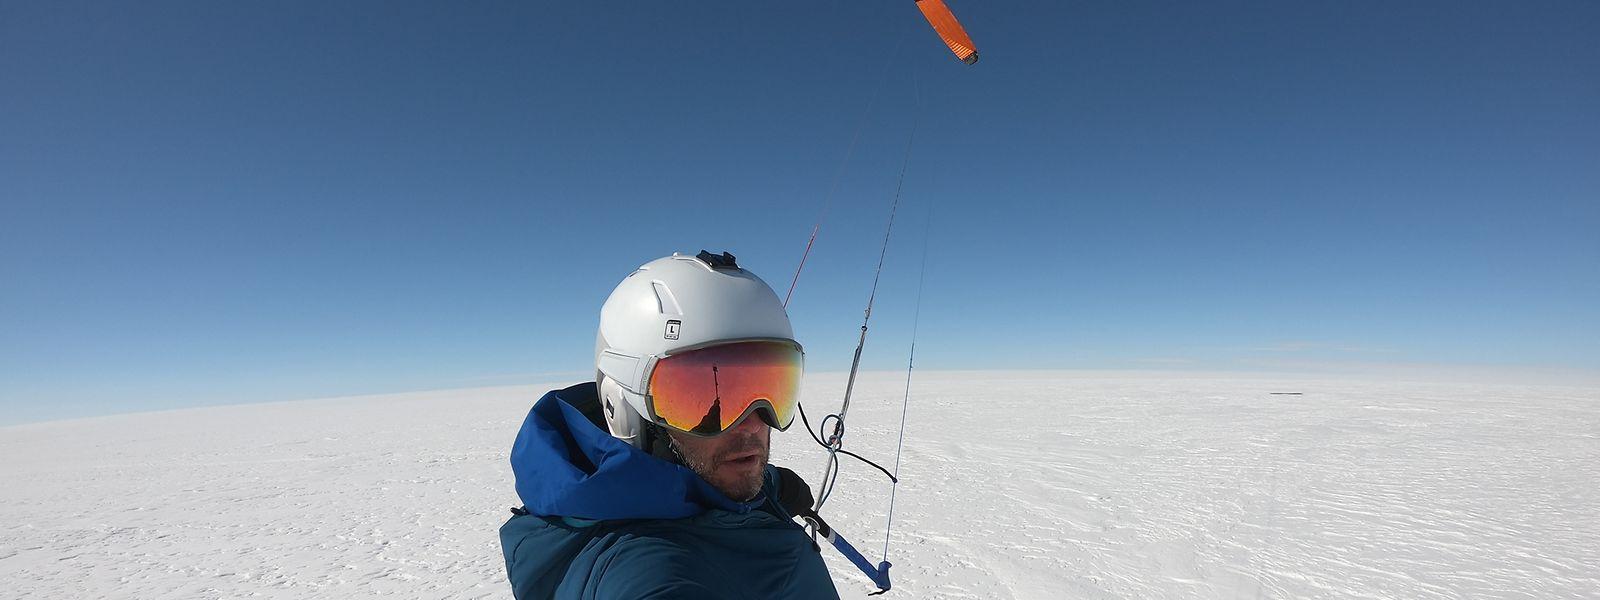 Patrick Peters mit seinem Kite an einem Bilderbuchtag. Von diesem ließ er sich über die endlose weiße Weite ziehen.